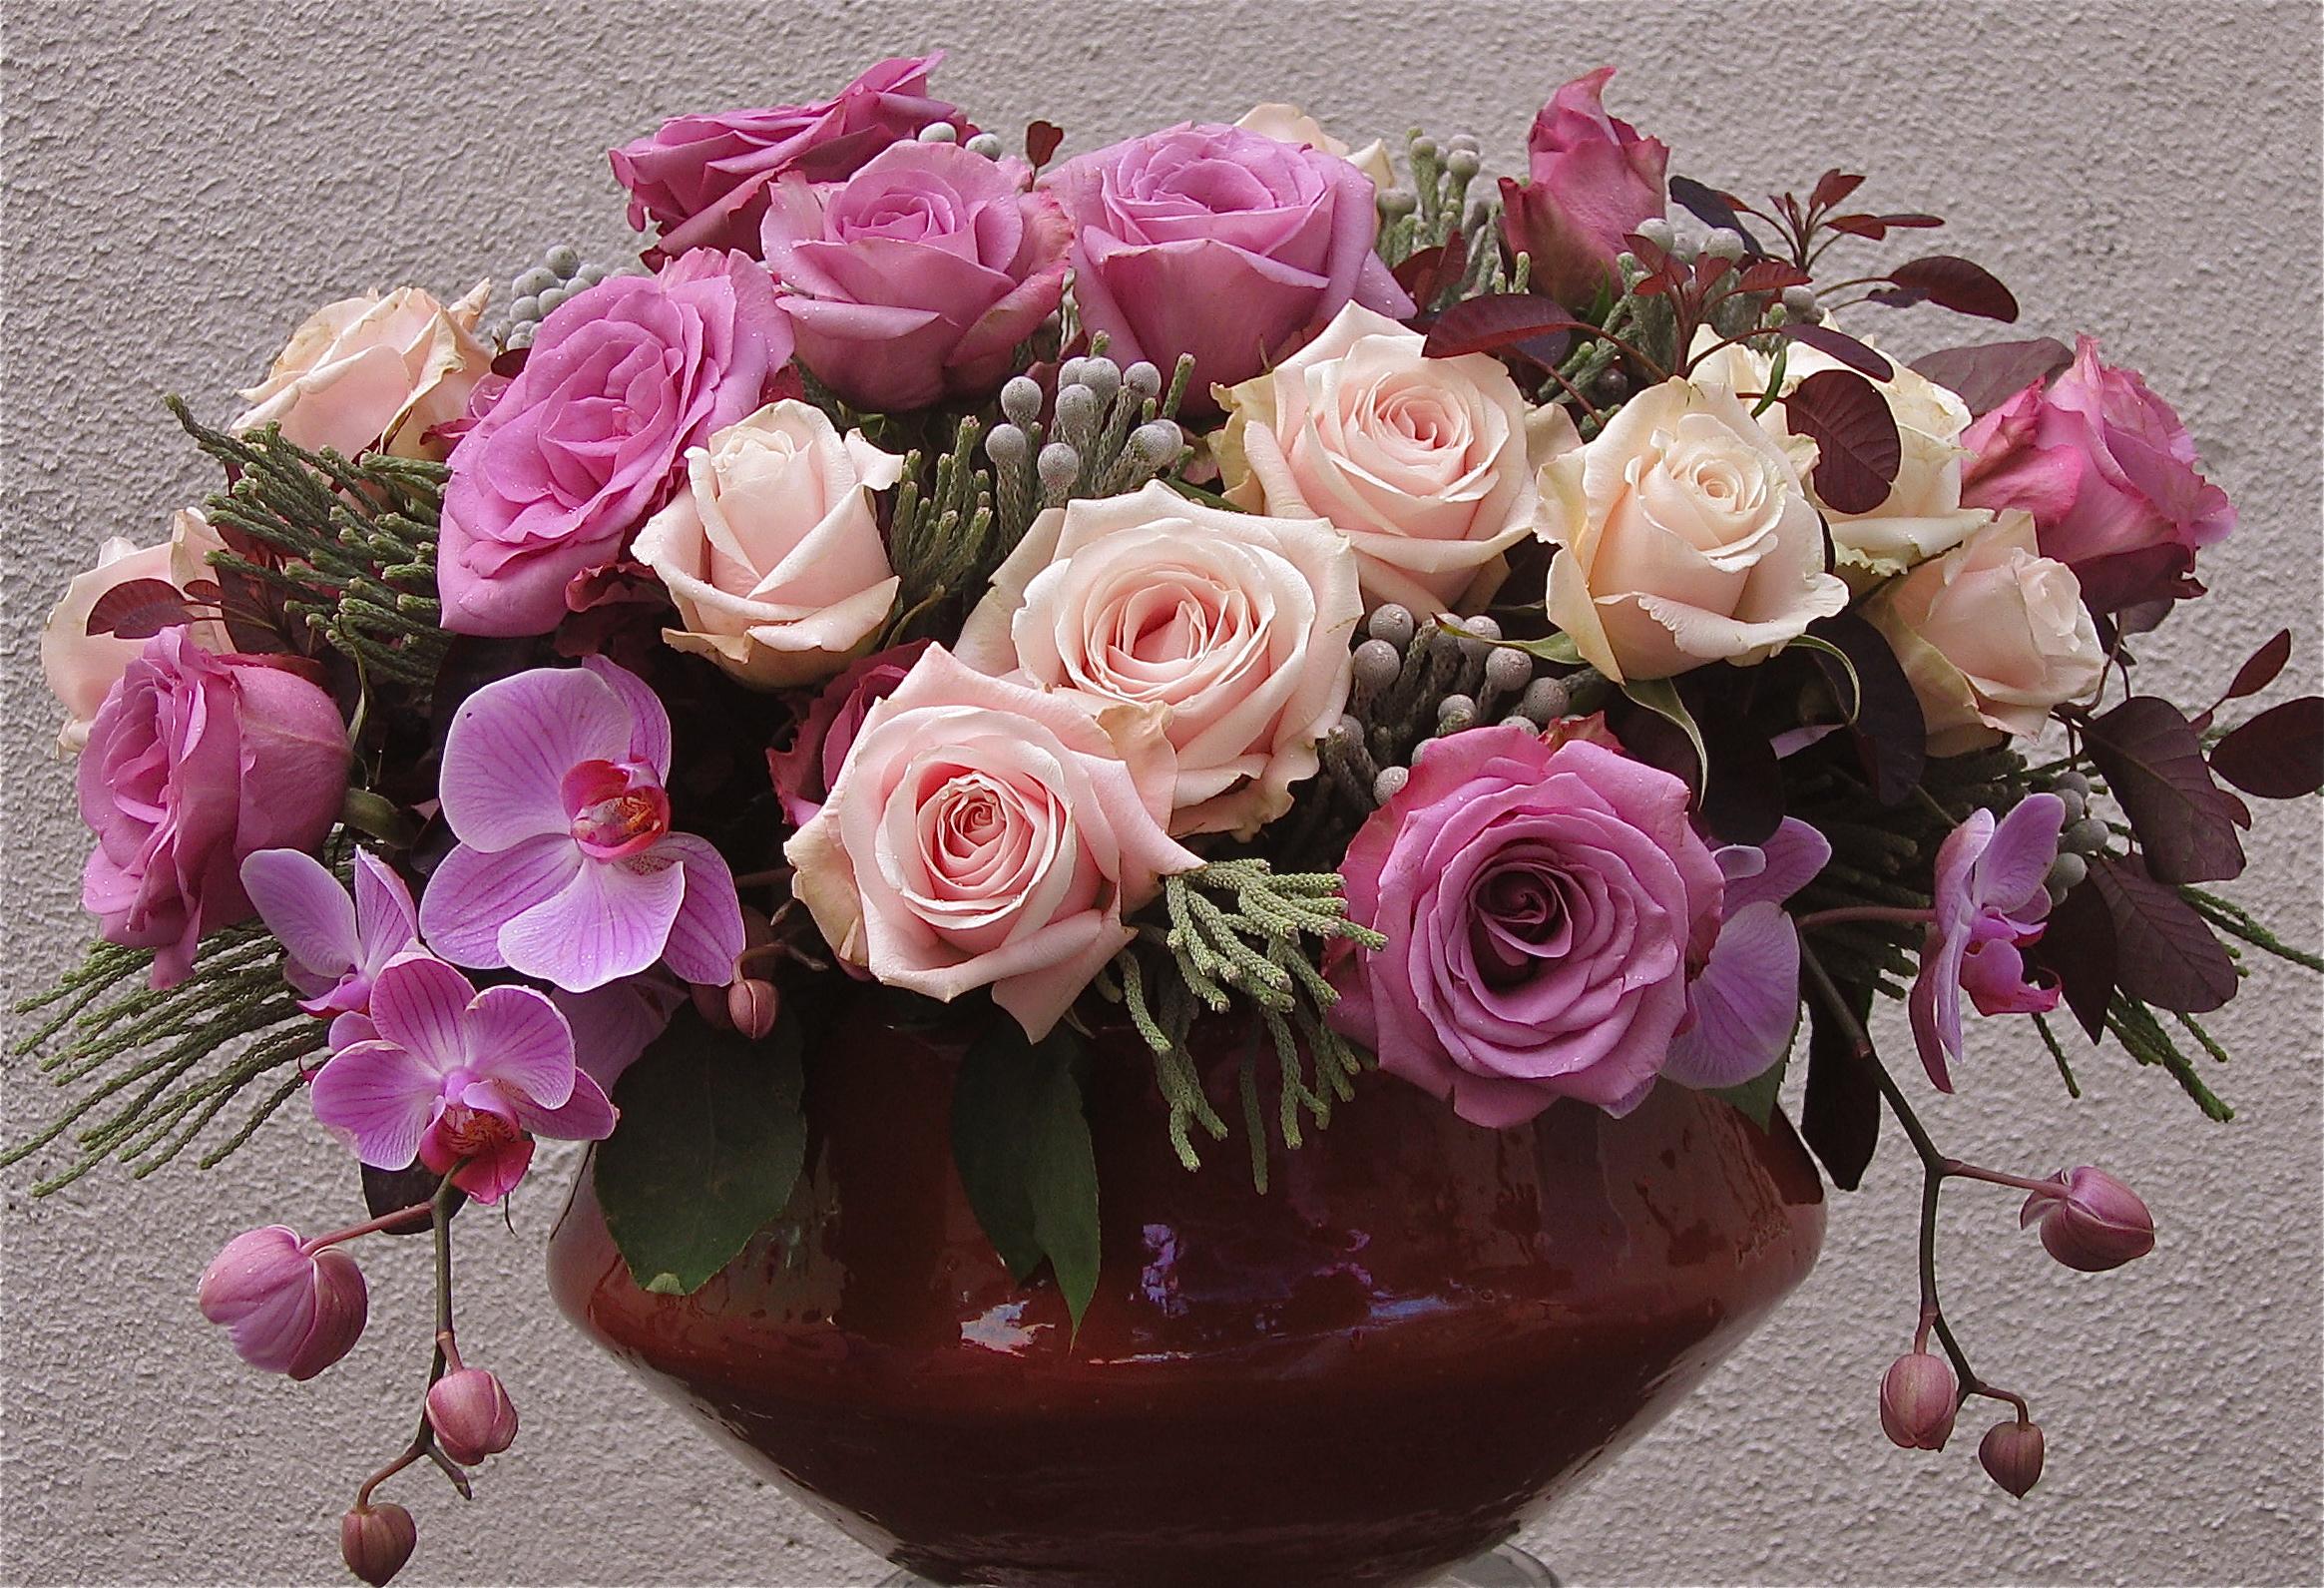 розы цветы ваза  № 1332648 без смс